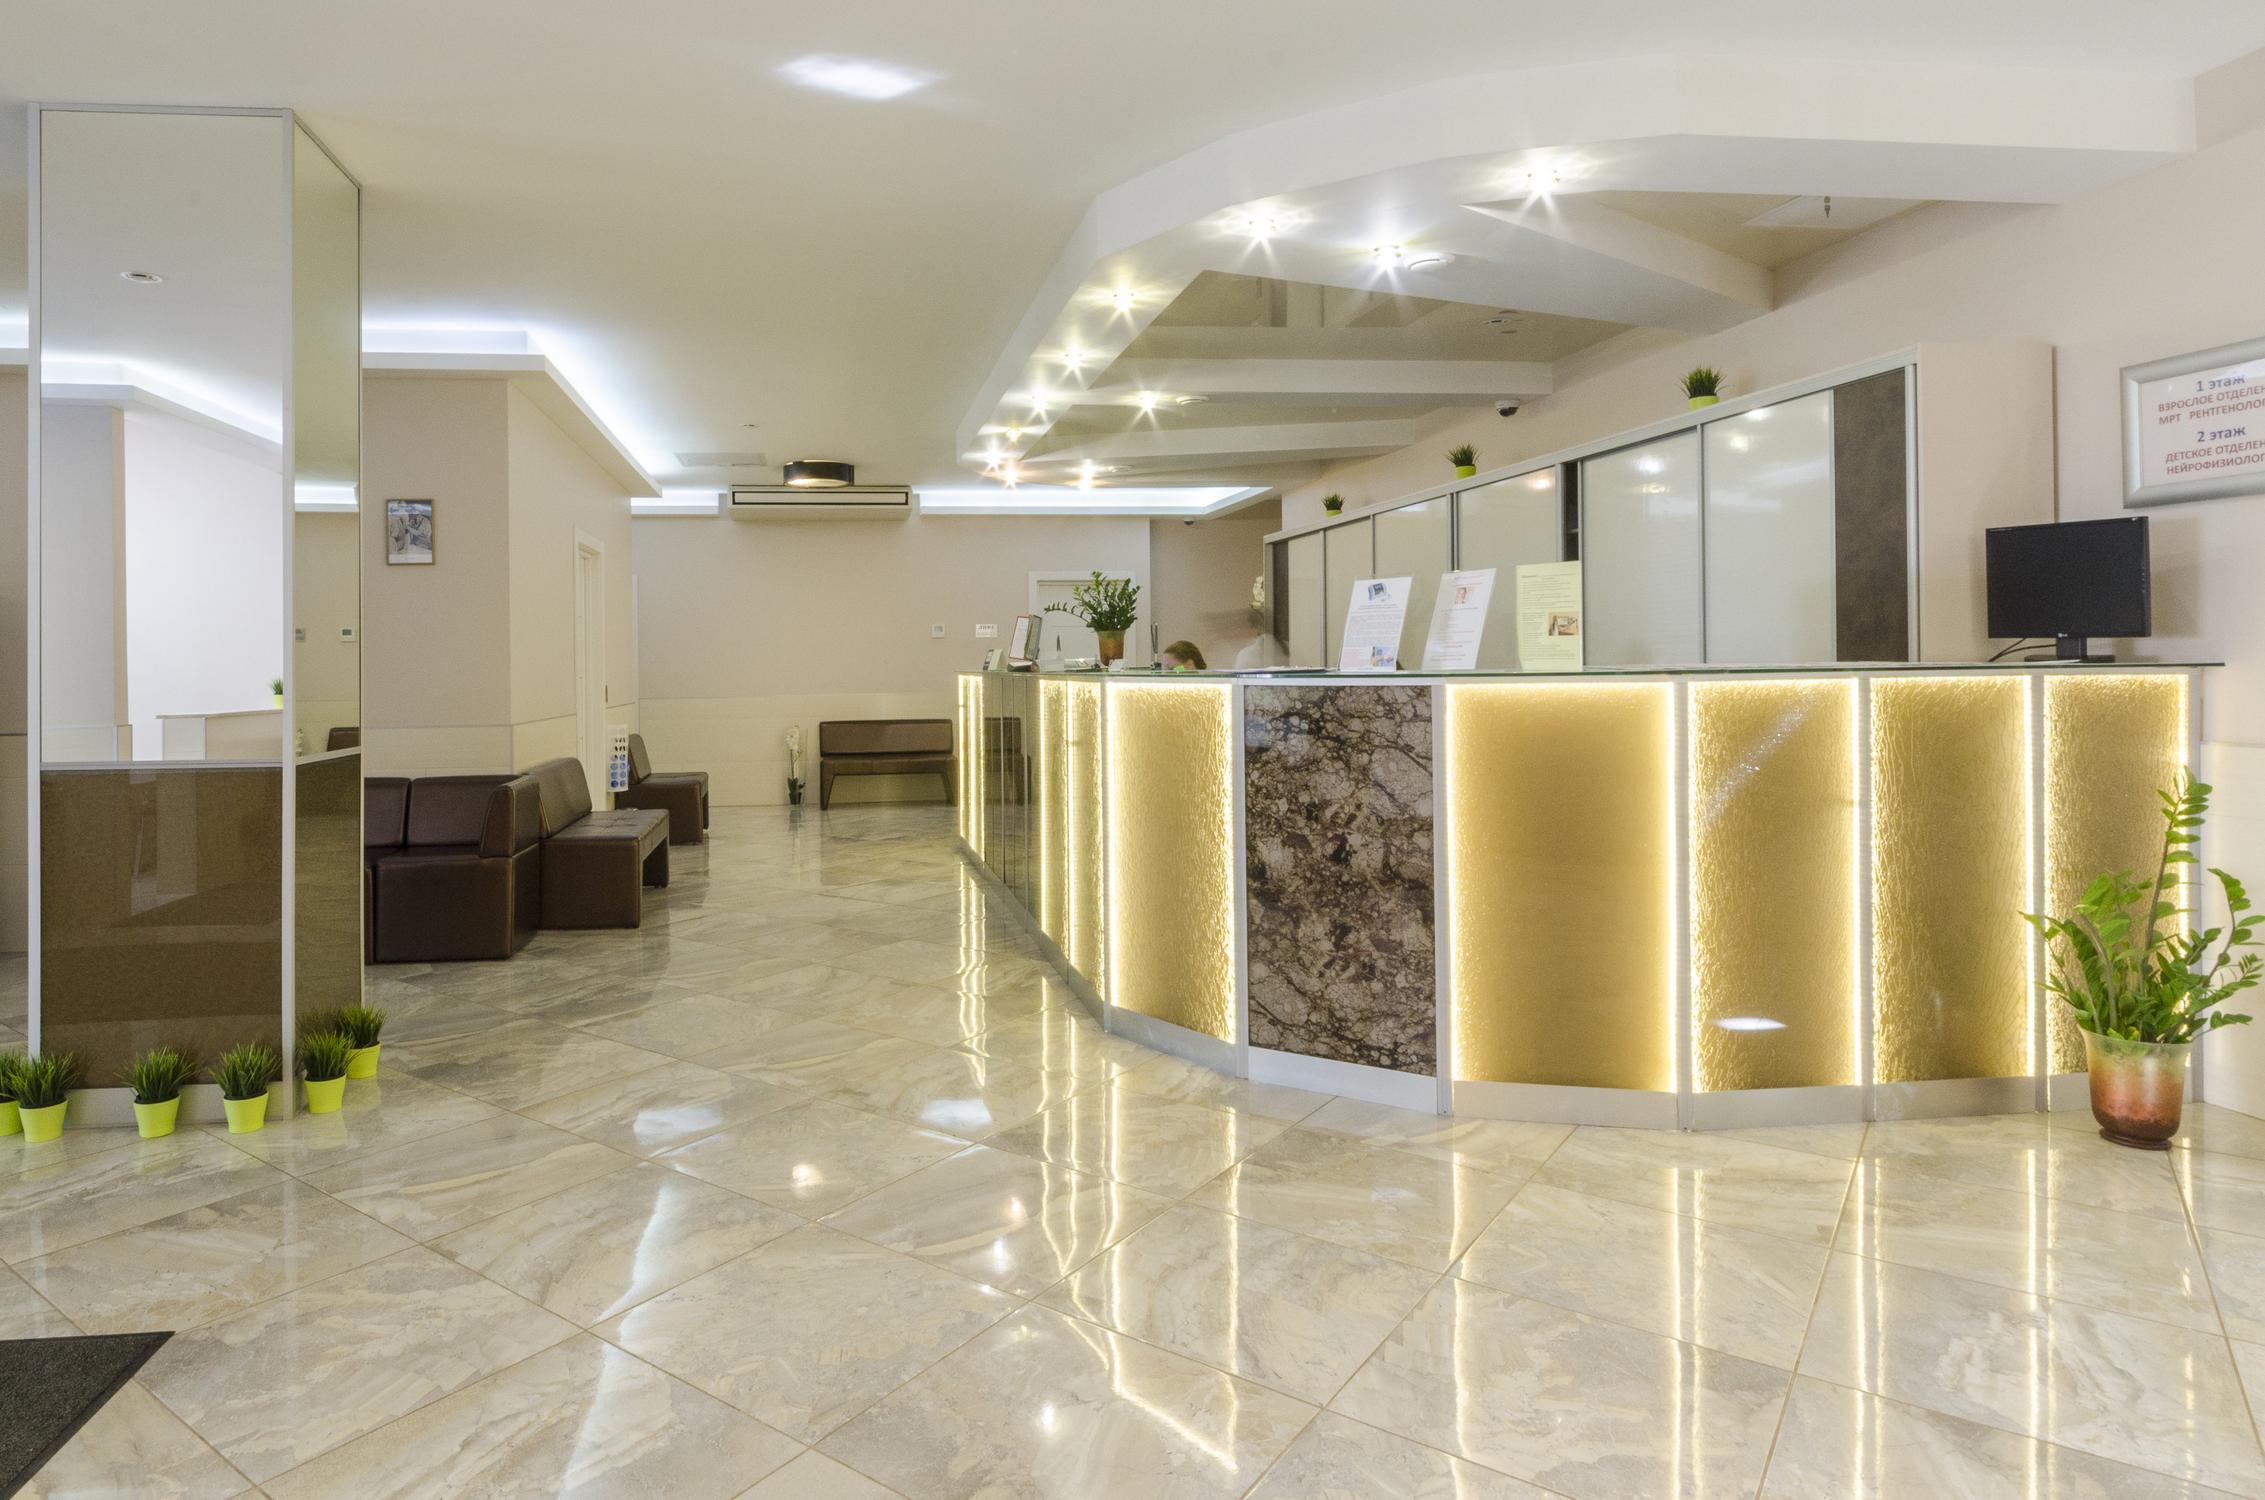 фотография Медицинского центра Андреевские больницы - НЕБОЛИТ на Варшавском шоссе